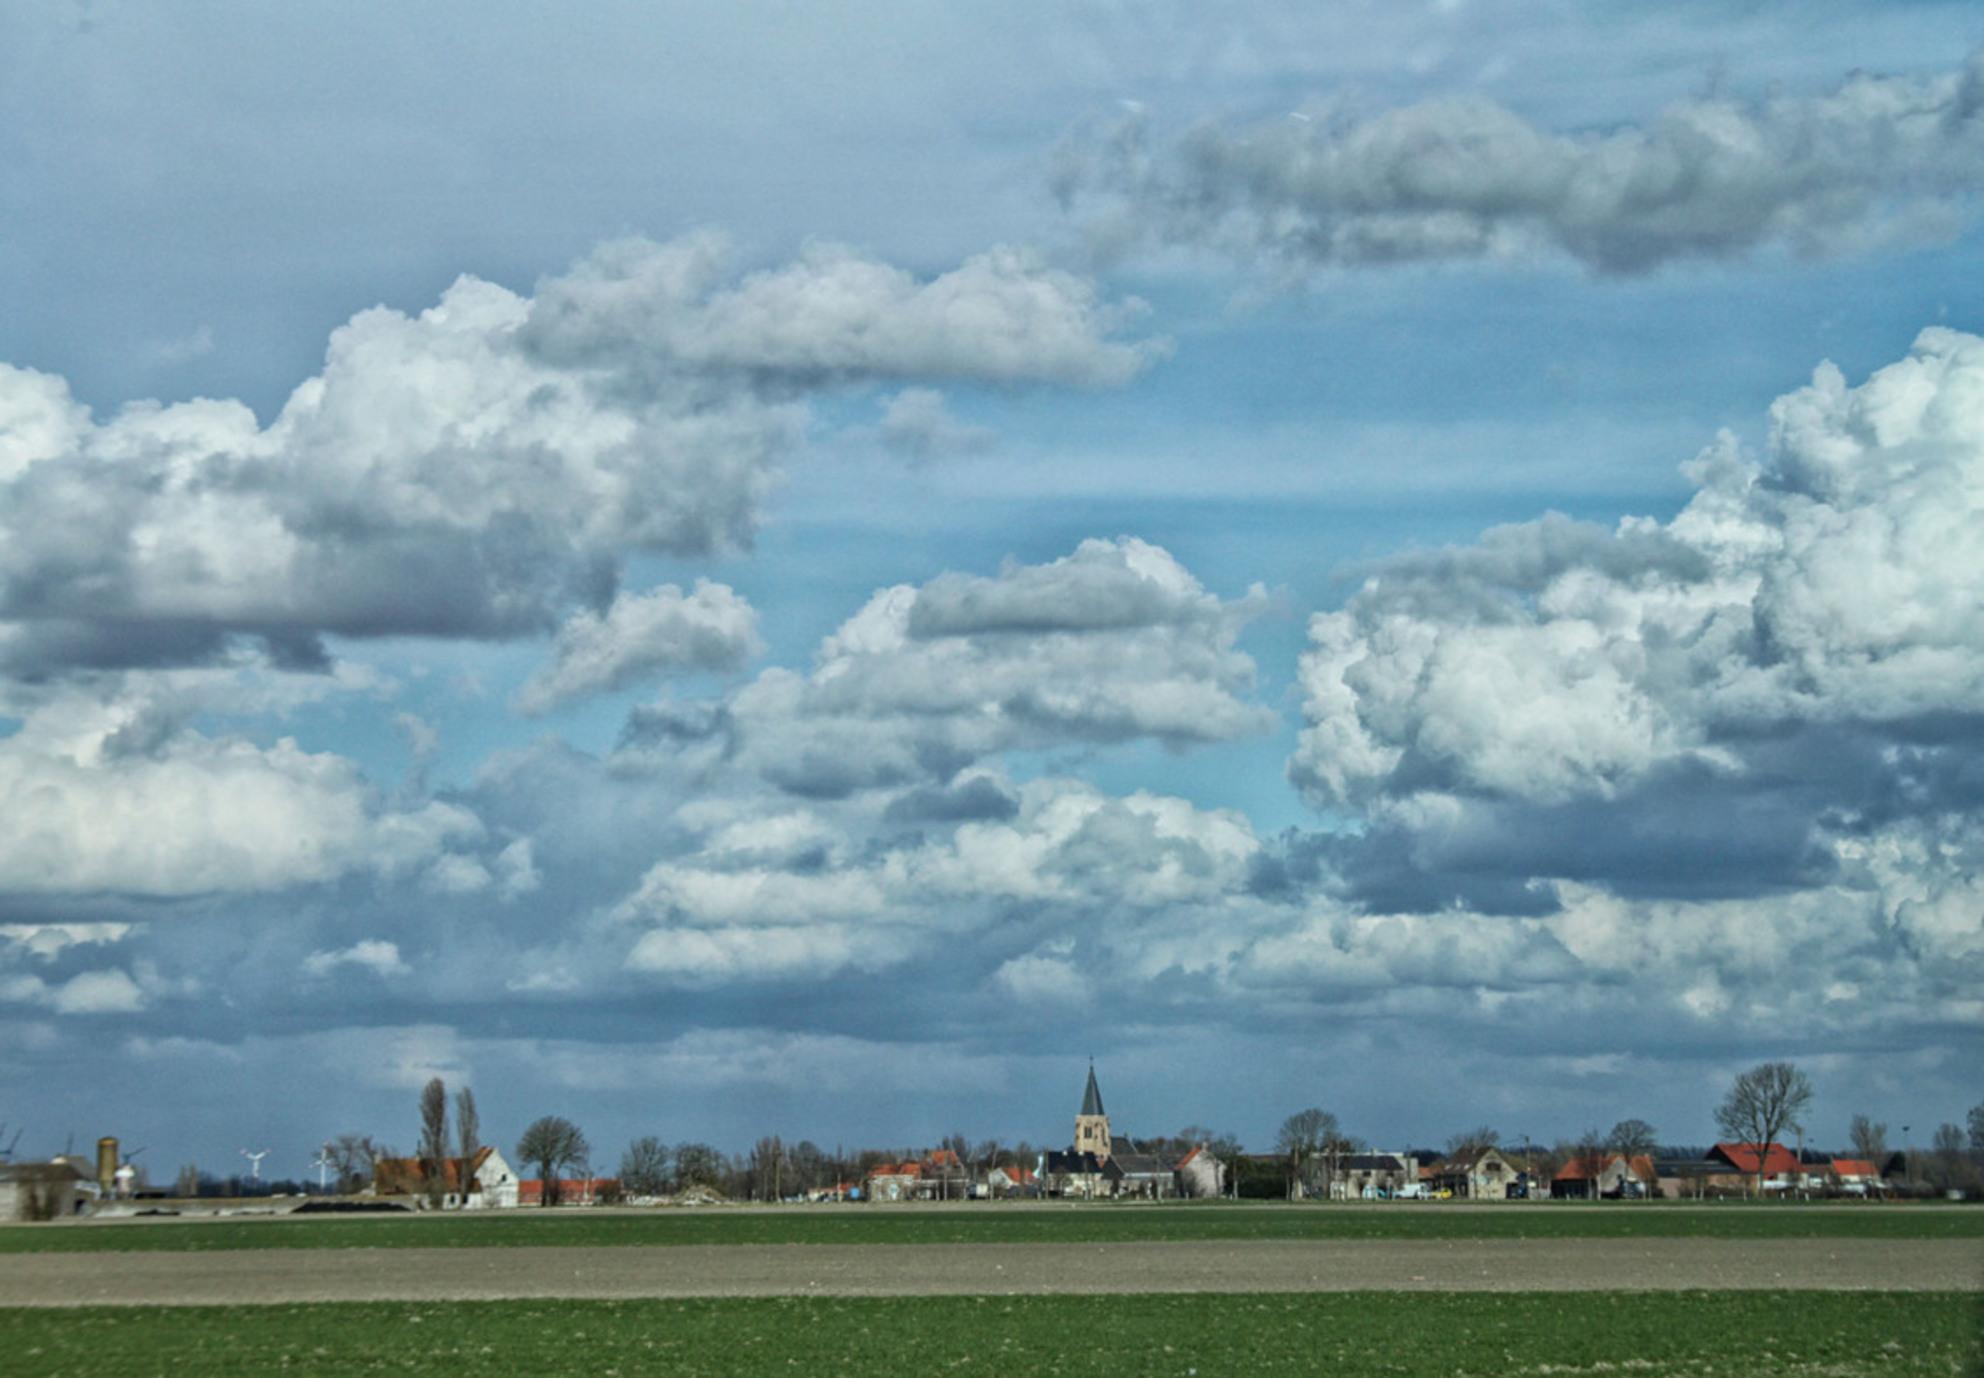 IMG_15562 - Ergens in ons mooie landje, helaas weet ik niet meer waar. Foto is bewerkt in PS Elements. - foto door jmtharte op 19-05-2016 - deze foto bevat: lucht, landschap, dreigend - Deze foto mag gebruikt worden in een Zoom.nl publicatie